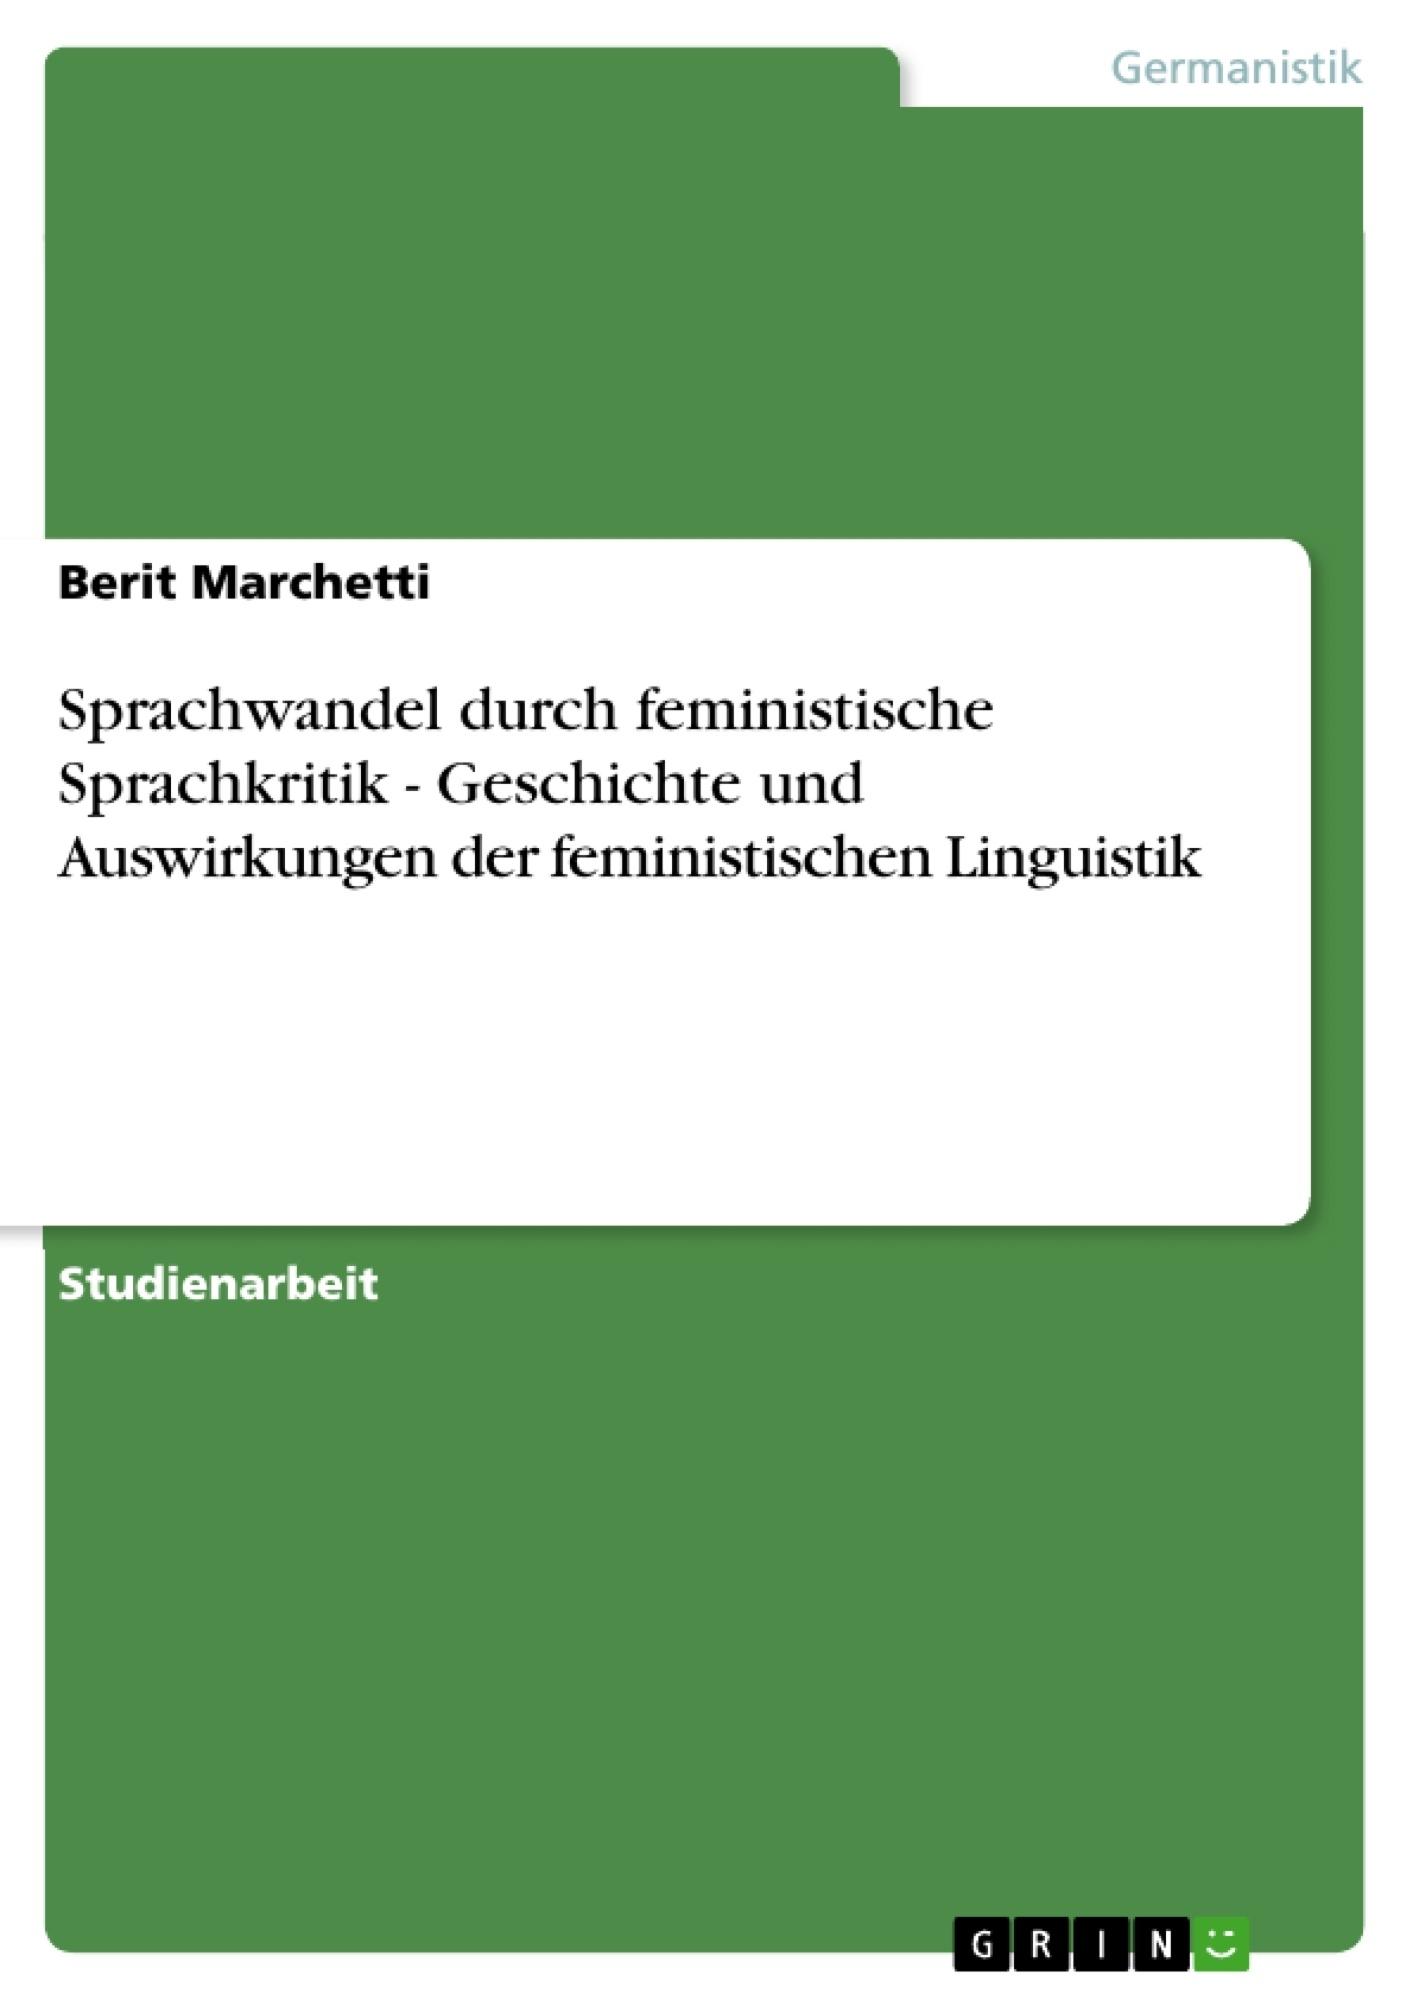 Titel: Sprachwandel durch feministische Sprachkritik - Geschichte und Auswirkungen der feministischen Linguistik